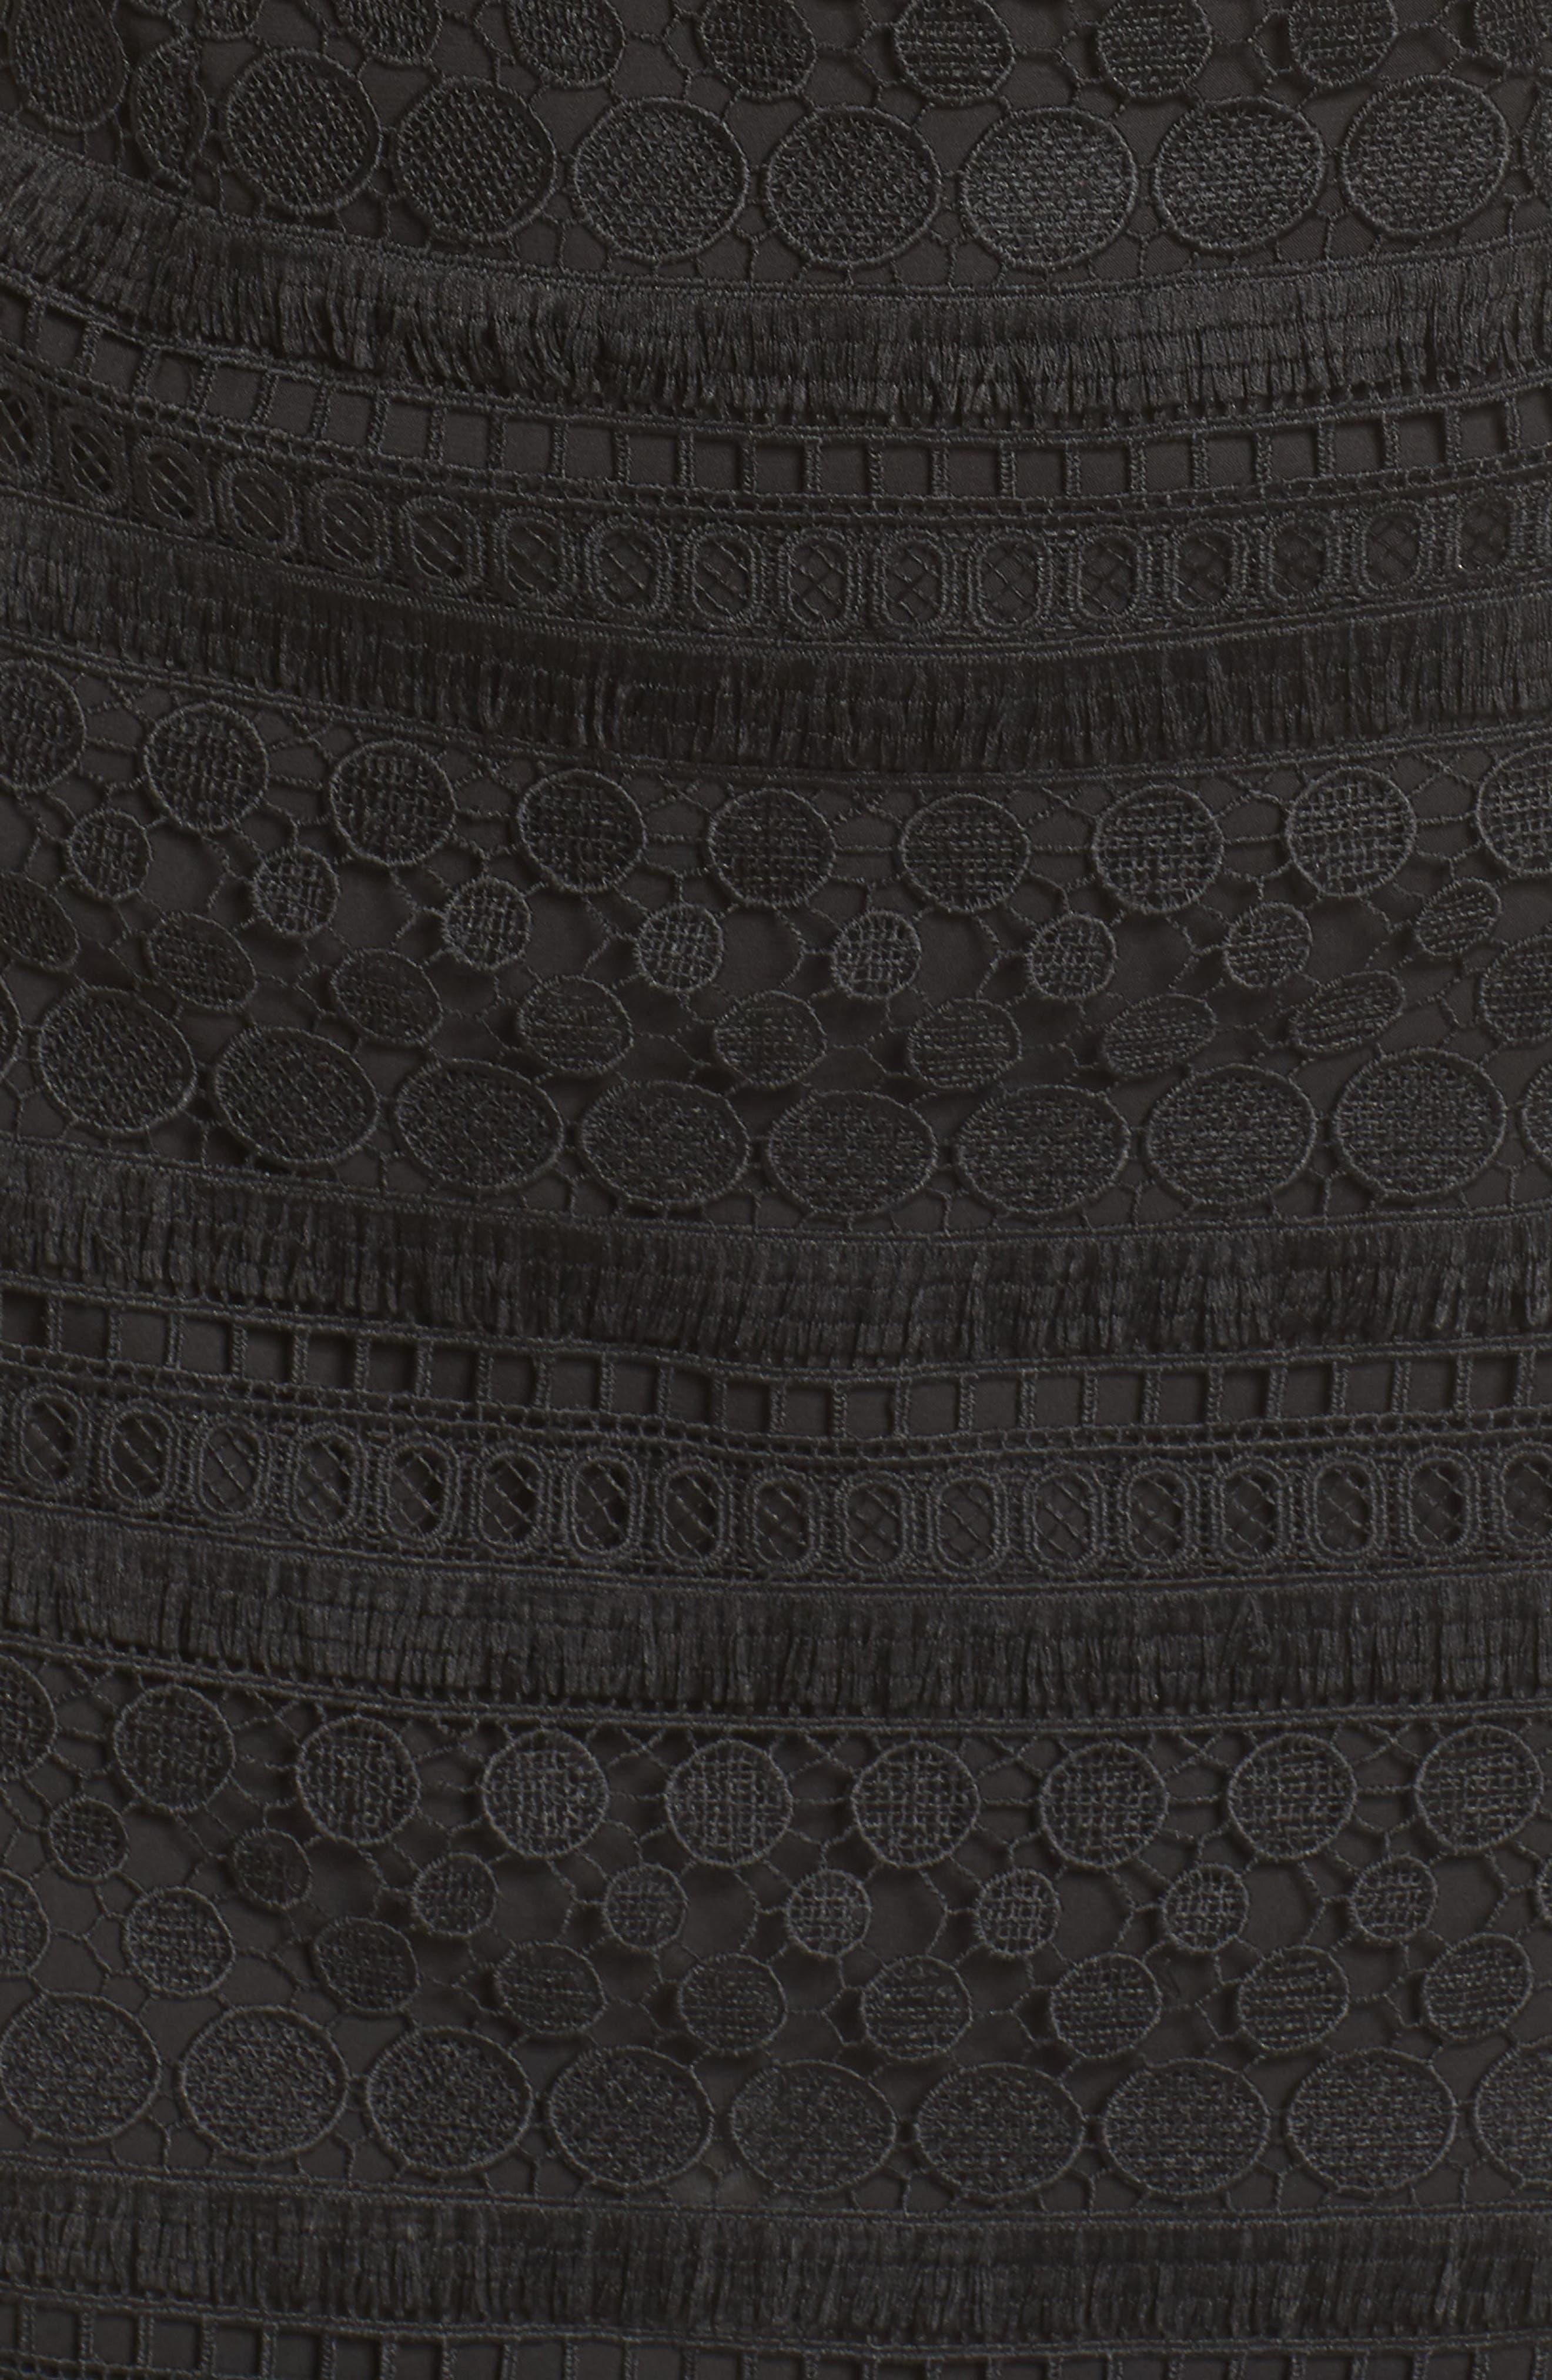 Lace Sheath Dress,                             Alternate thumbnail 6, color,                             Black